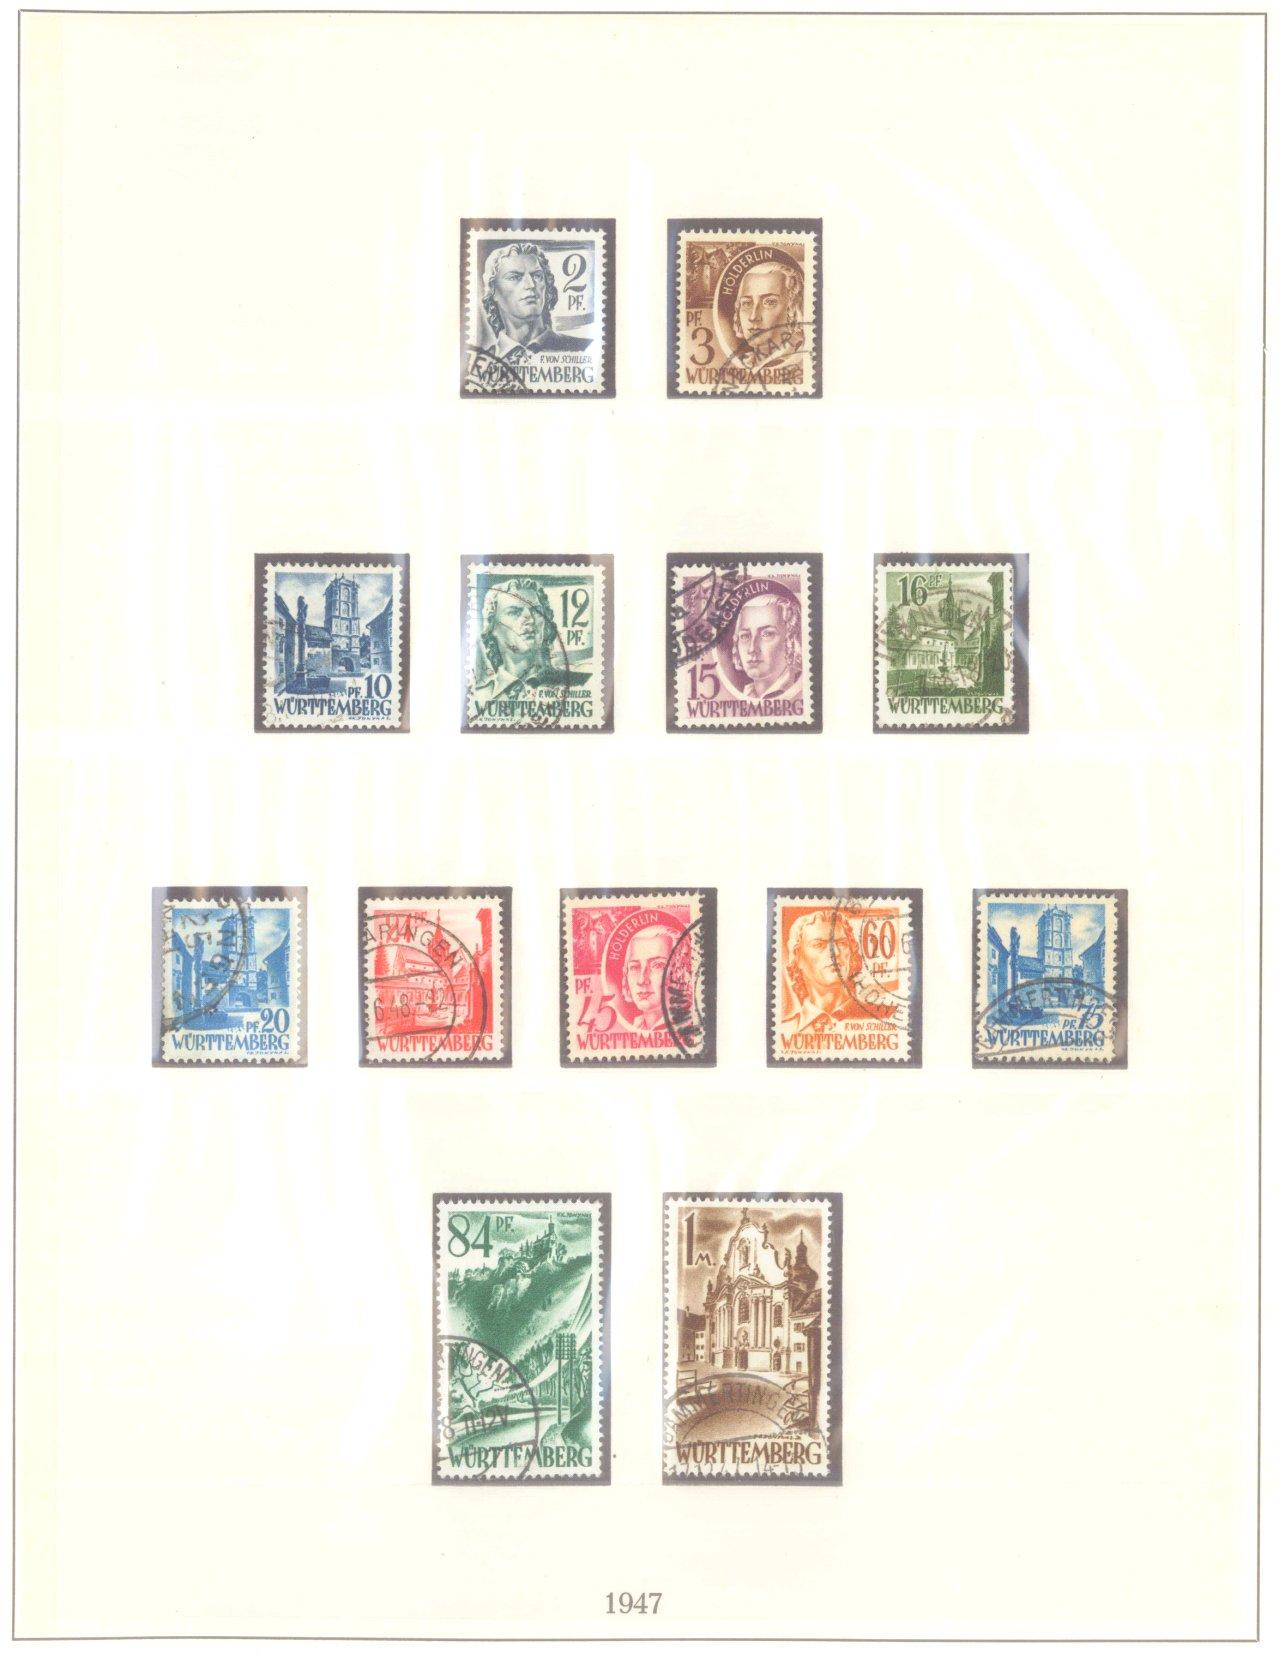 FRANZÖSISCHE ZONE WÜRTTEMBERG 1947-1948, Freimarken (I-III)